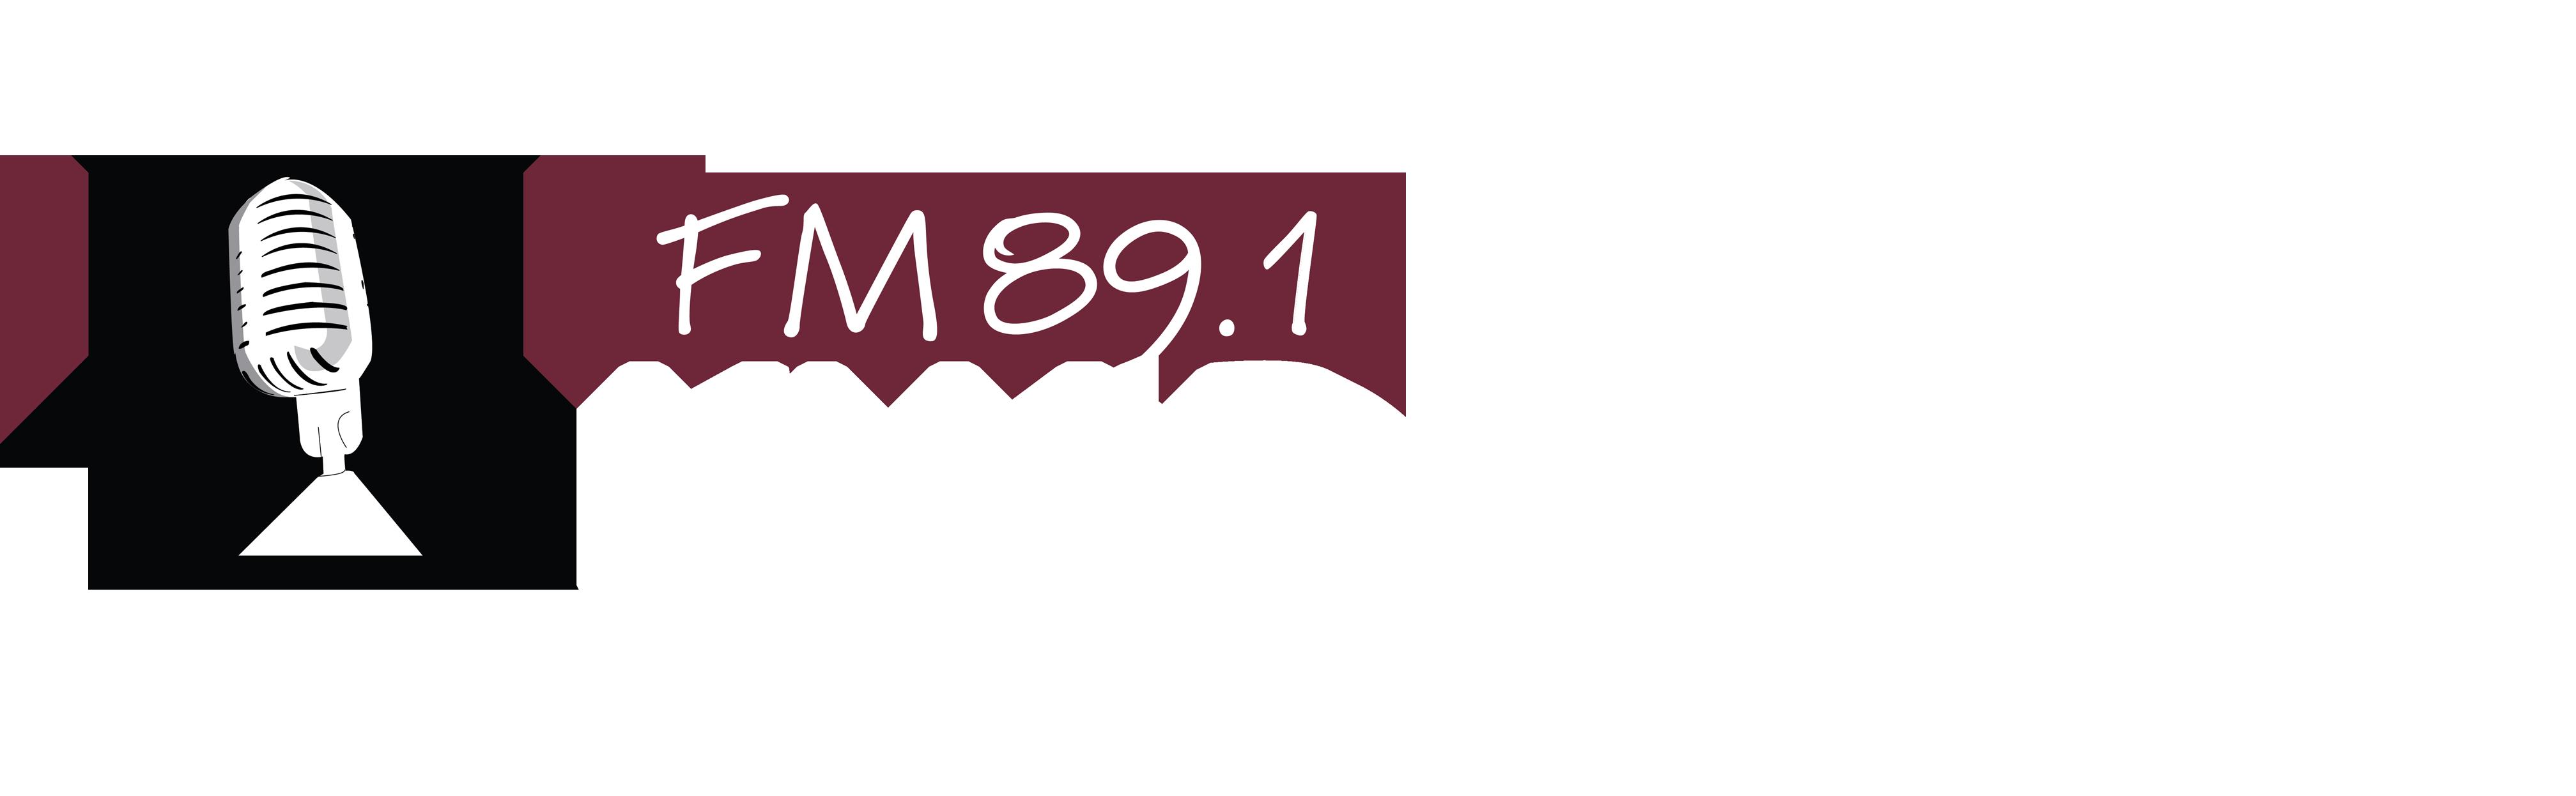 KUAR logo